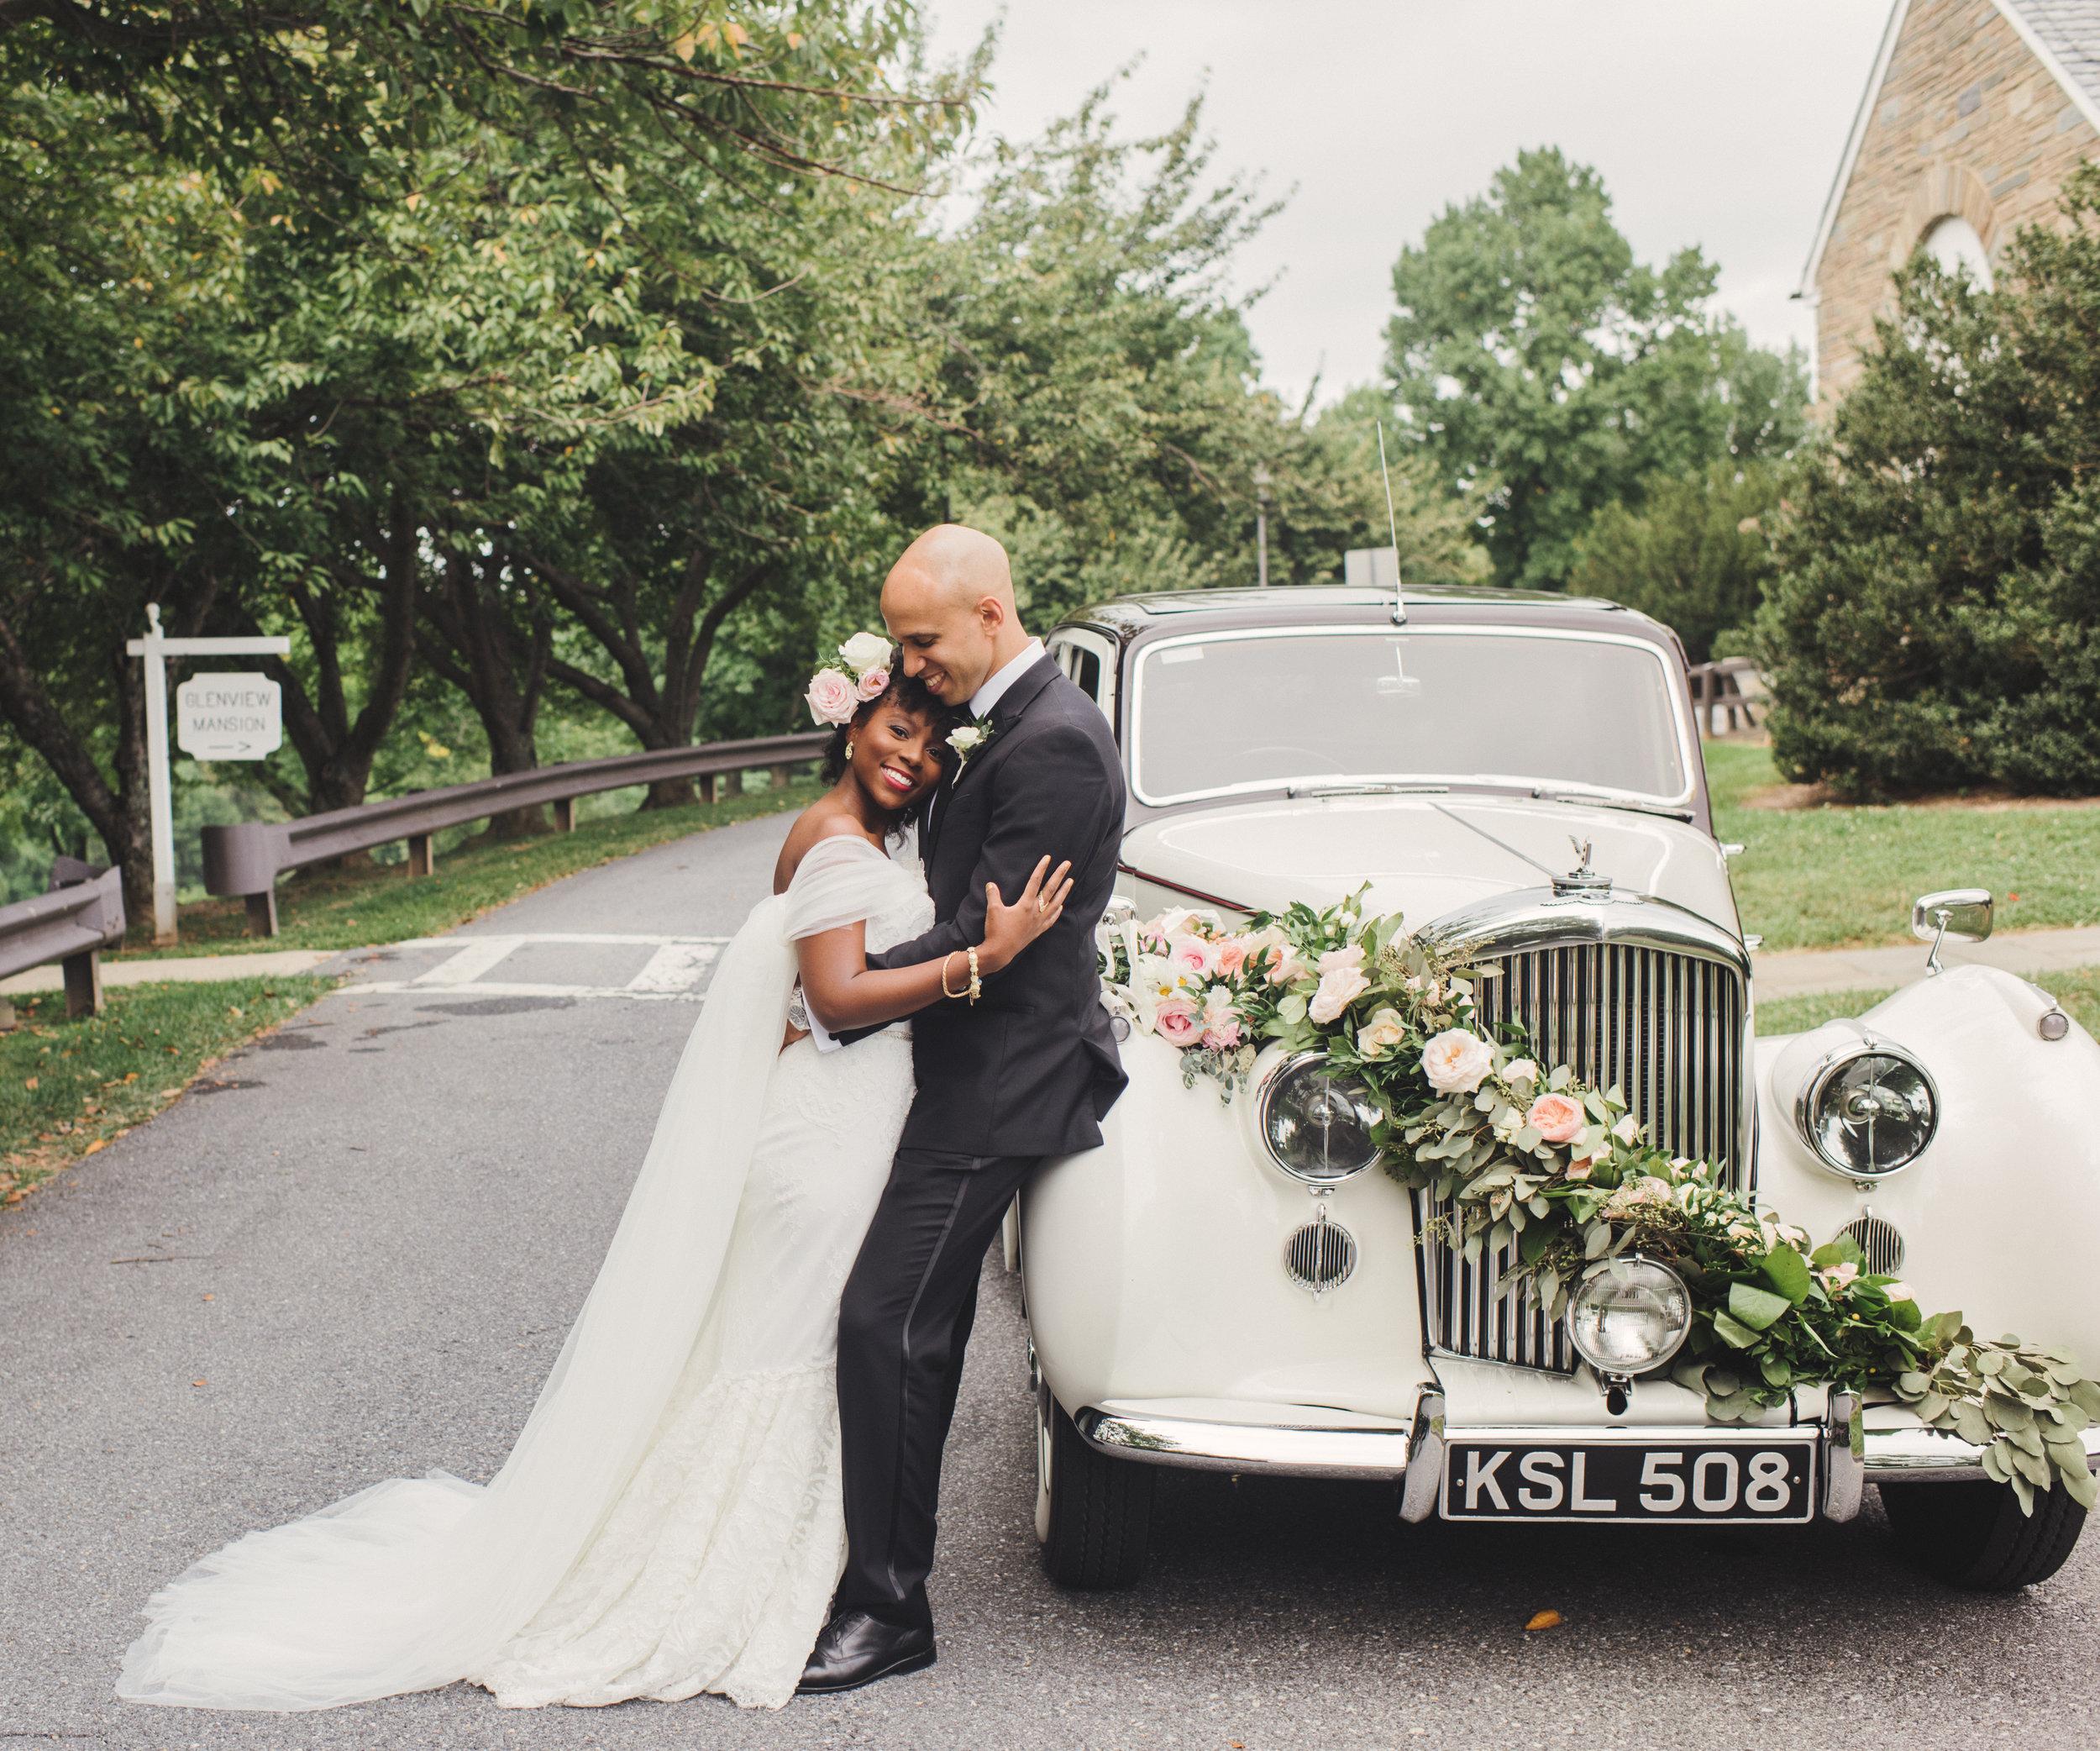 MADRIGAL WEDDING - TWOTWENTY by CHI-CHI AGBIM-11.jpg